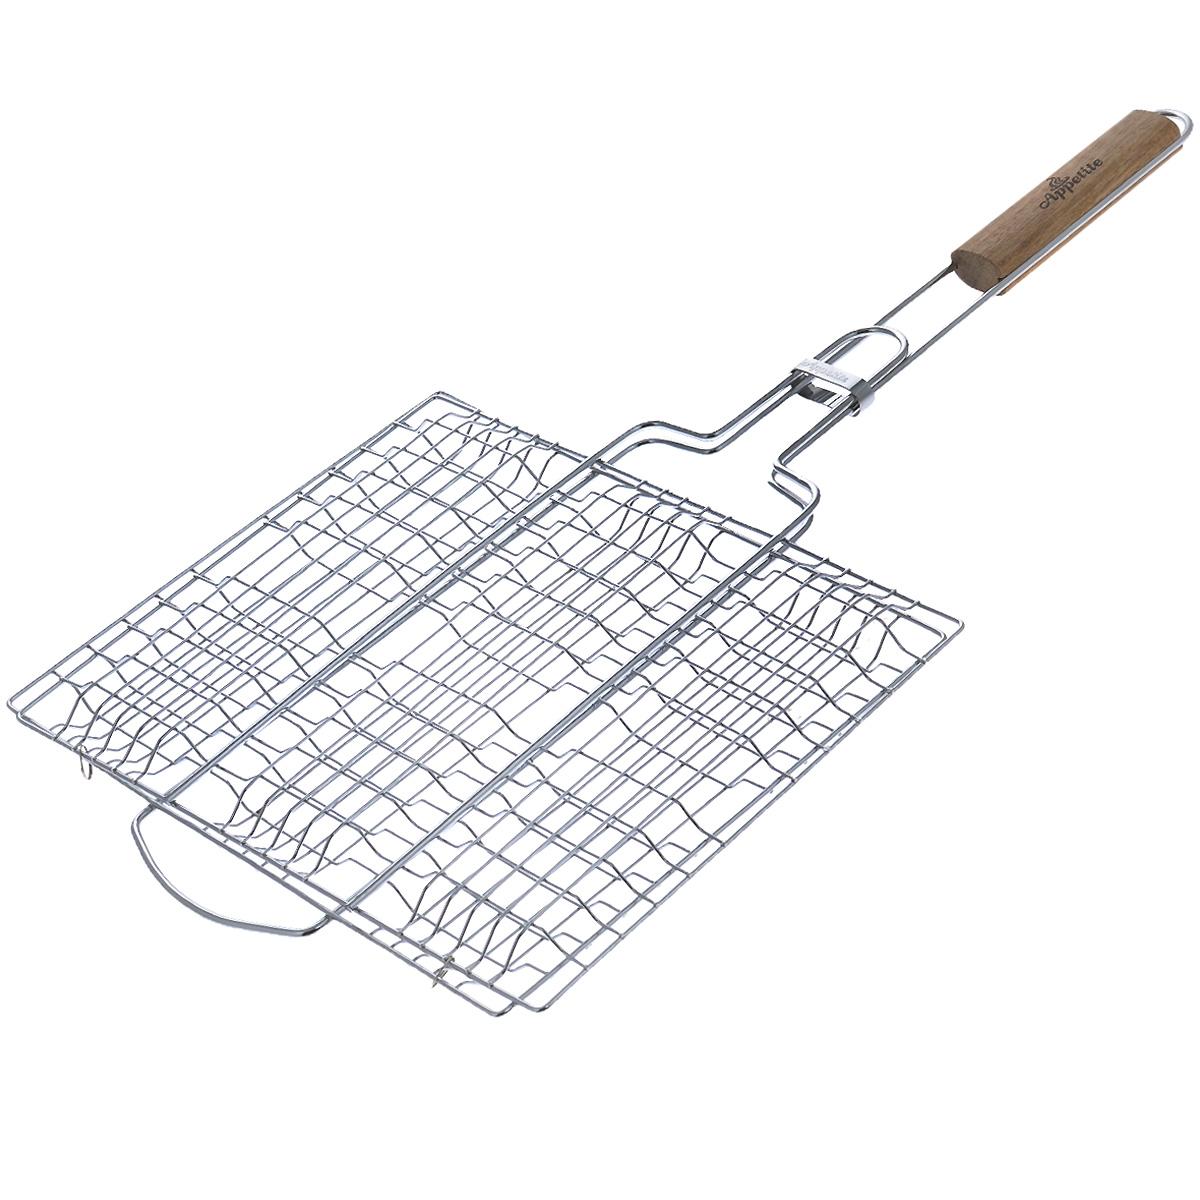 Решетка-гриль Appetite, плоская, 30 см х 25 смAS 25Решетка-гриль Appetite изготовлена из стали с хромированным покрытием. Приготовление вкусных блюд из рыбы, мяса или птицы на пикнике становится еще более быстрым и удобным с использованием решетки-гриль. Изделие имеет деревянную вставку на ручке, предохраняющую руки от ожогов и позволяющую без труда перевернуть решетку. Надежное кольцо-фиксатор гарантирует, что решетка не откроется, и продукты не выпадут. Размер рабочей поверхности: 30 см х 25 см. Длина ручки: 32 см.